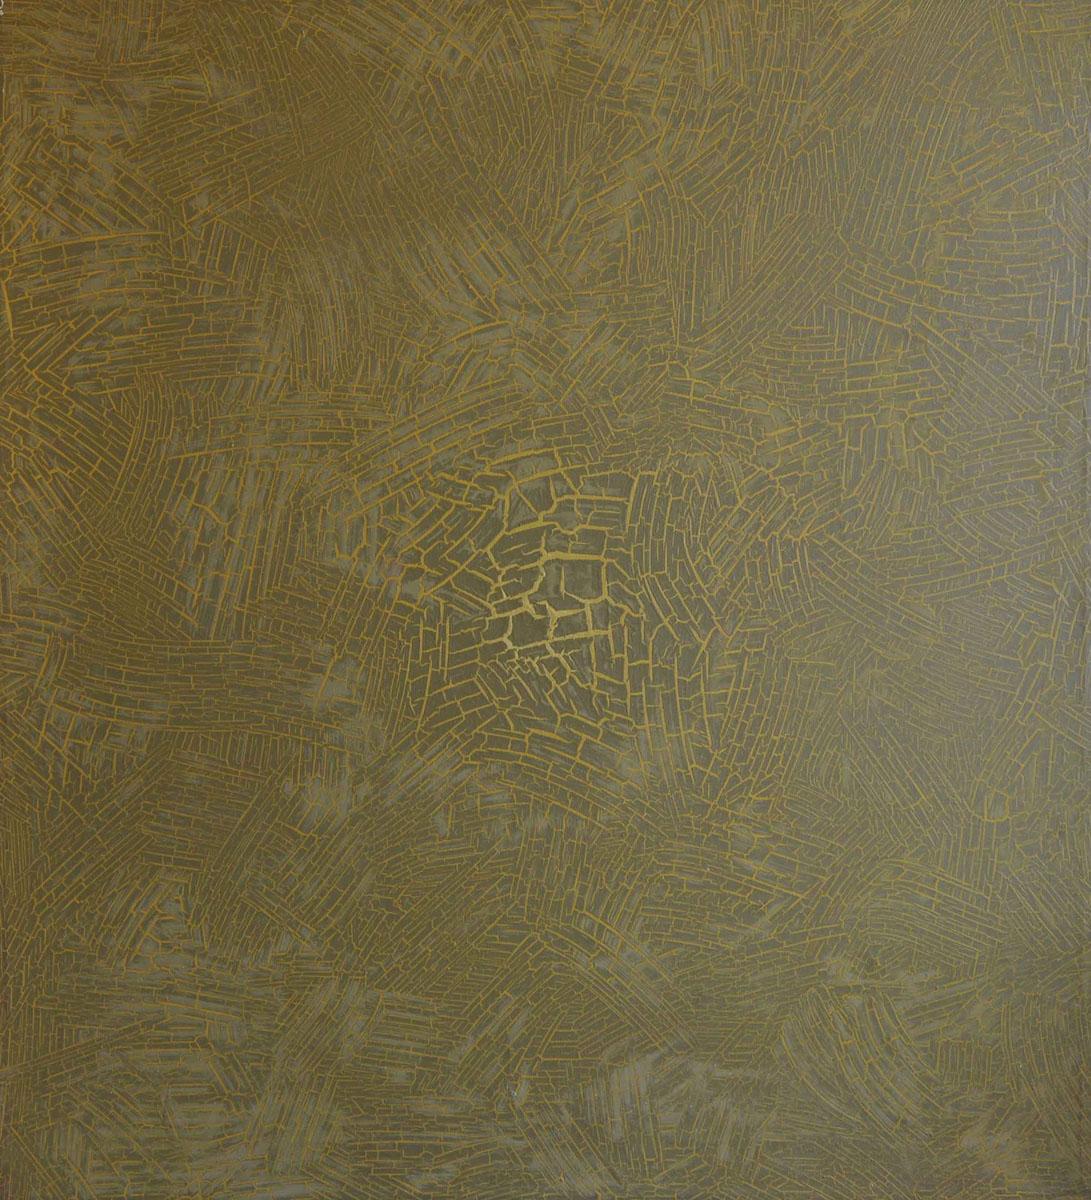 V.F. 1993. 100 x 90. Canvas, acrylic, oil.